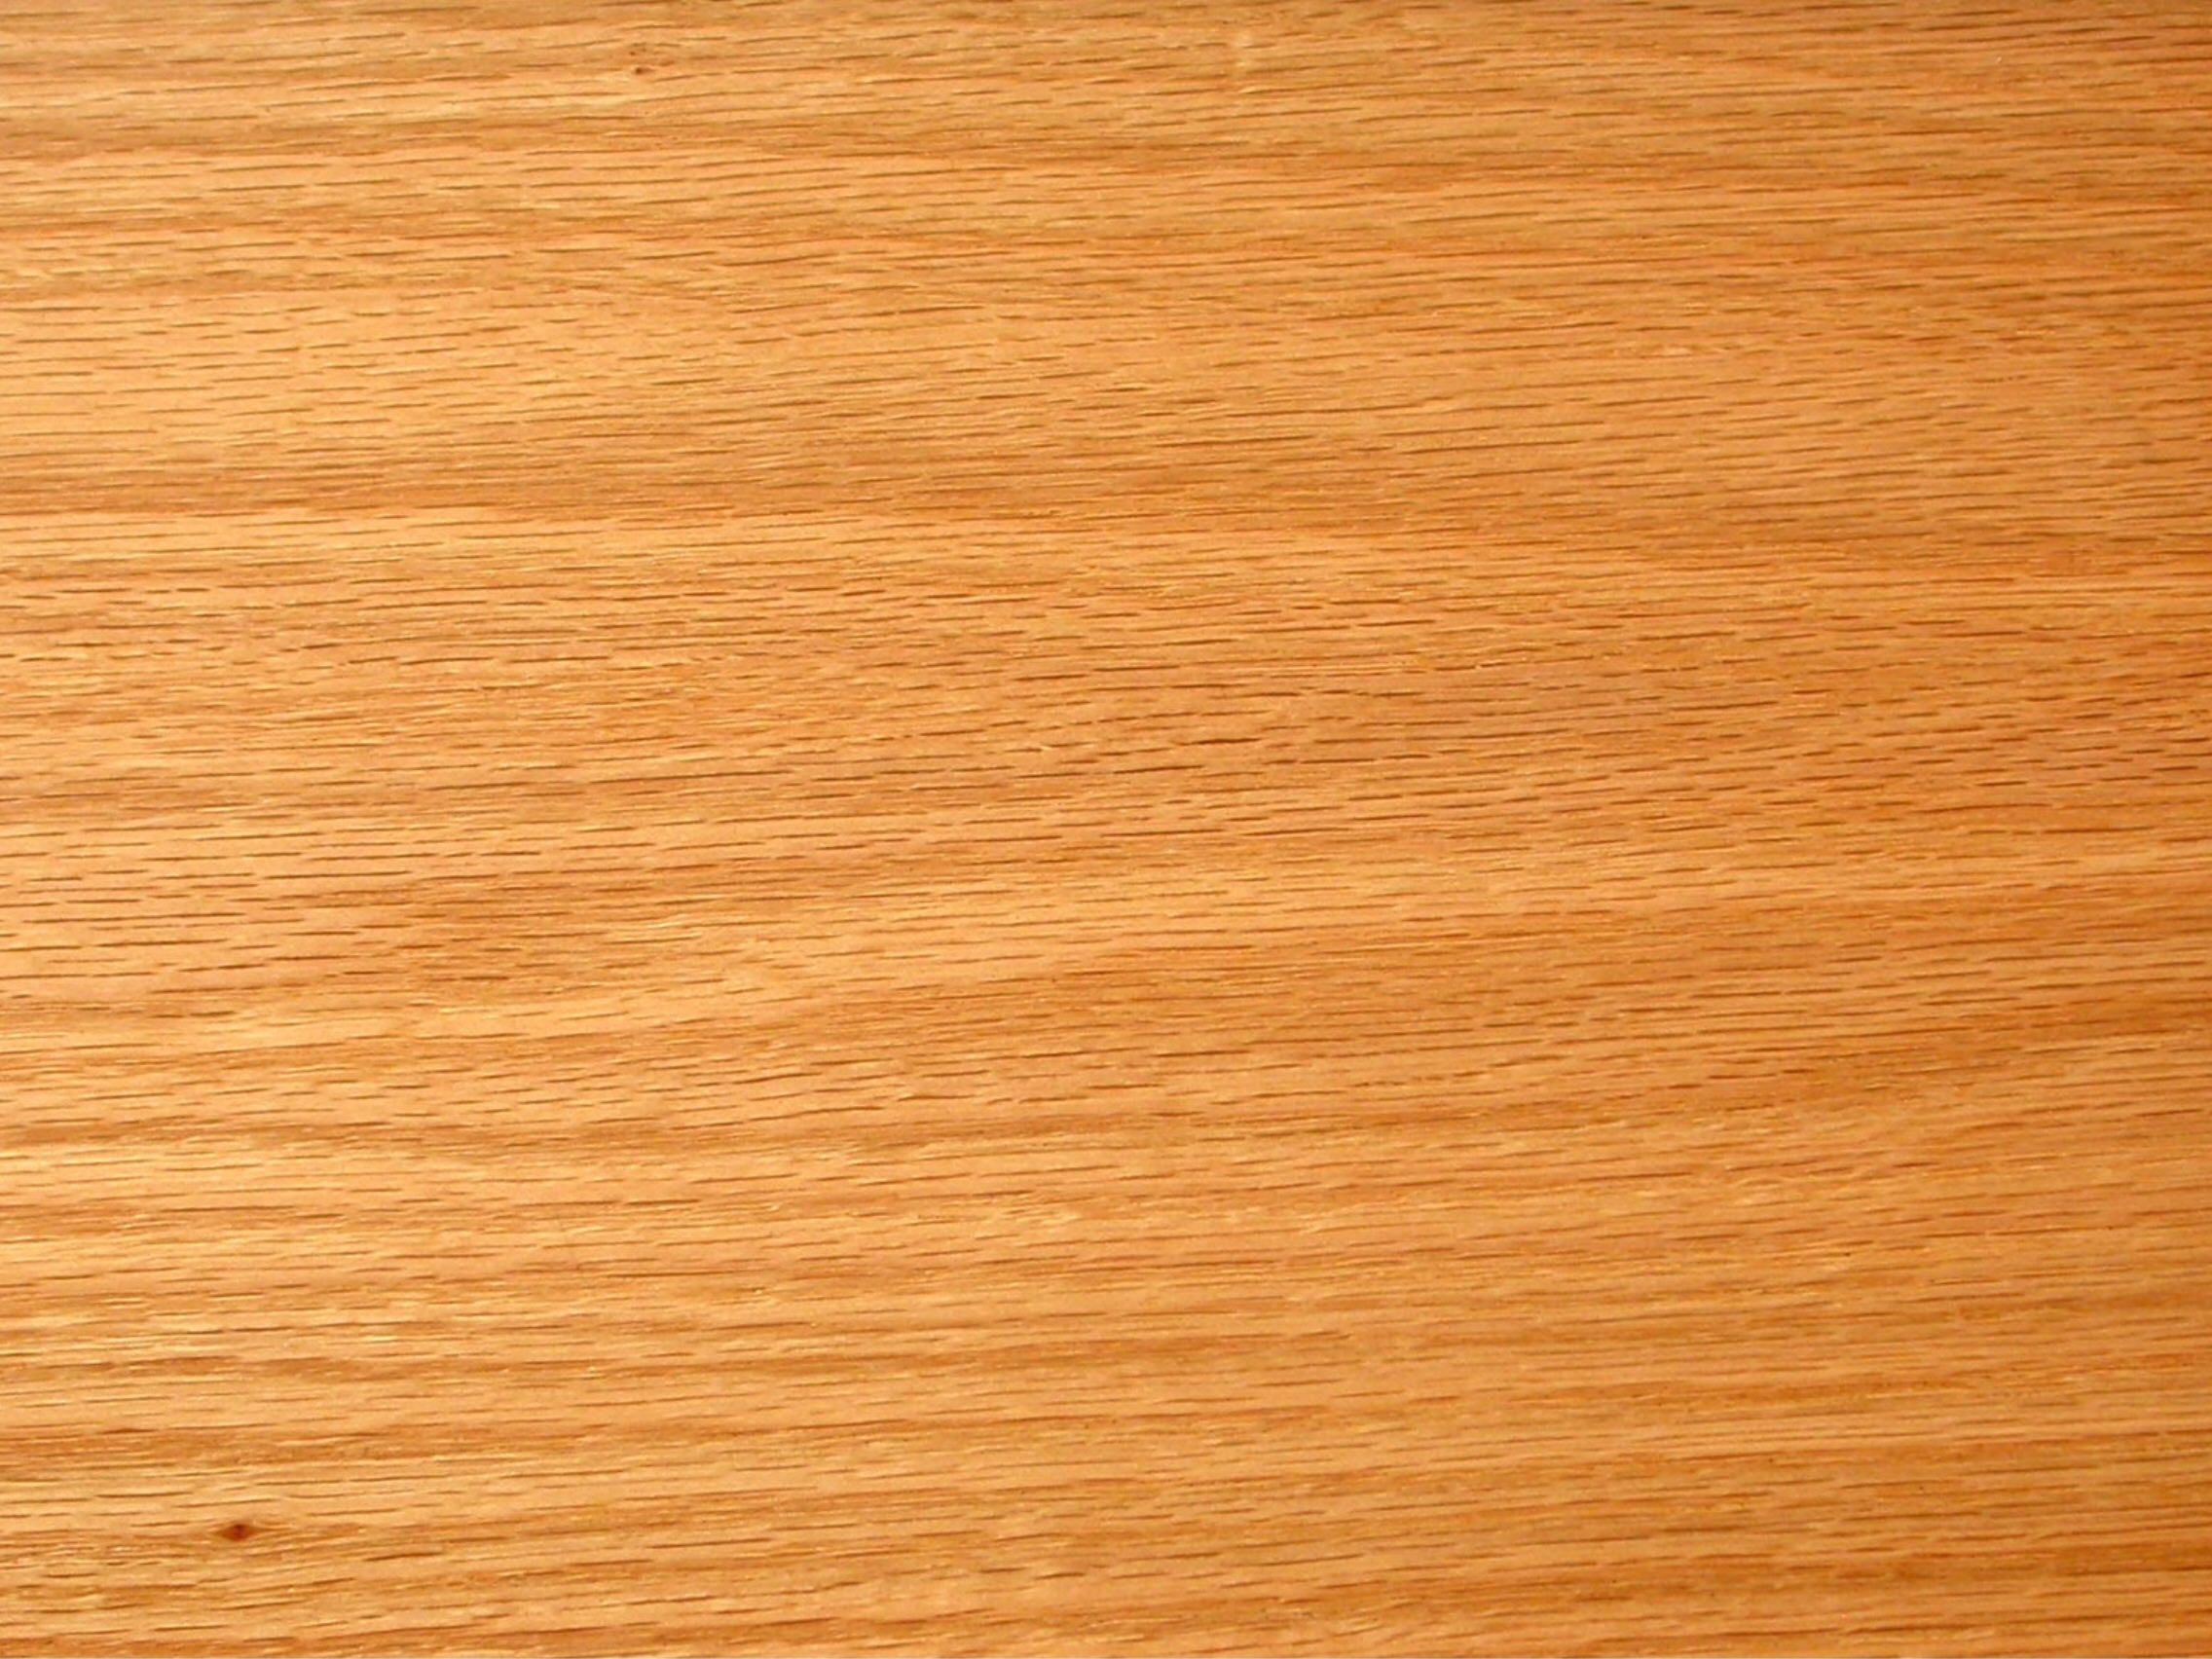 Red Oak Wood Cute Things That Make Me Happy